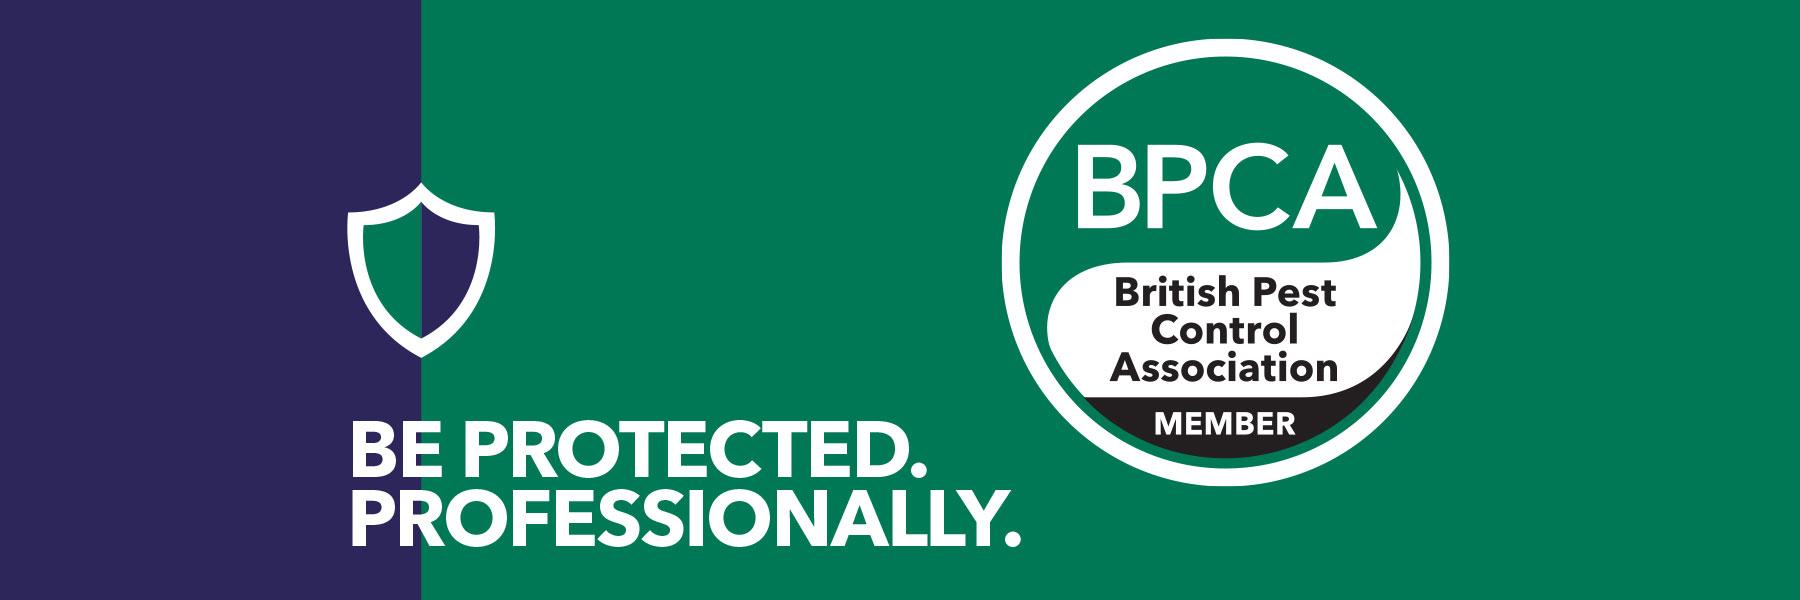 BPCA-member-prime-pest-banner